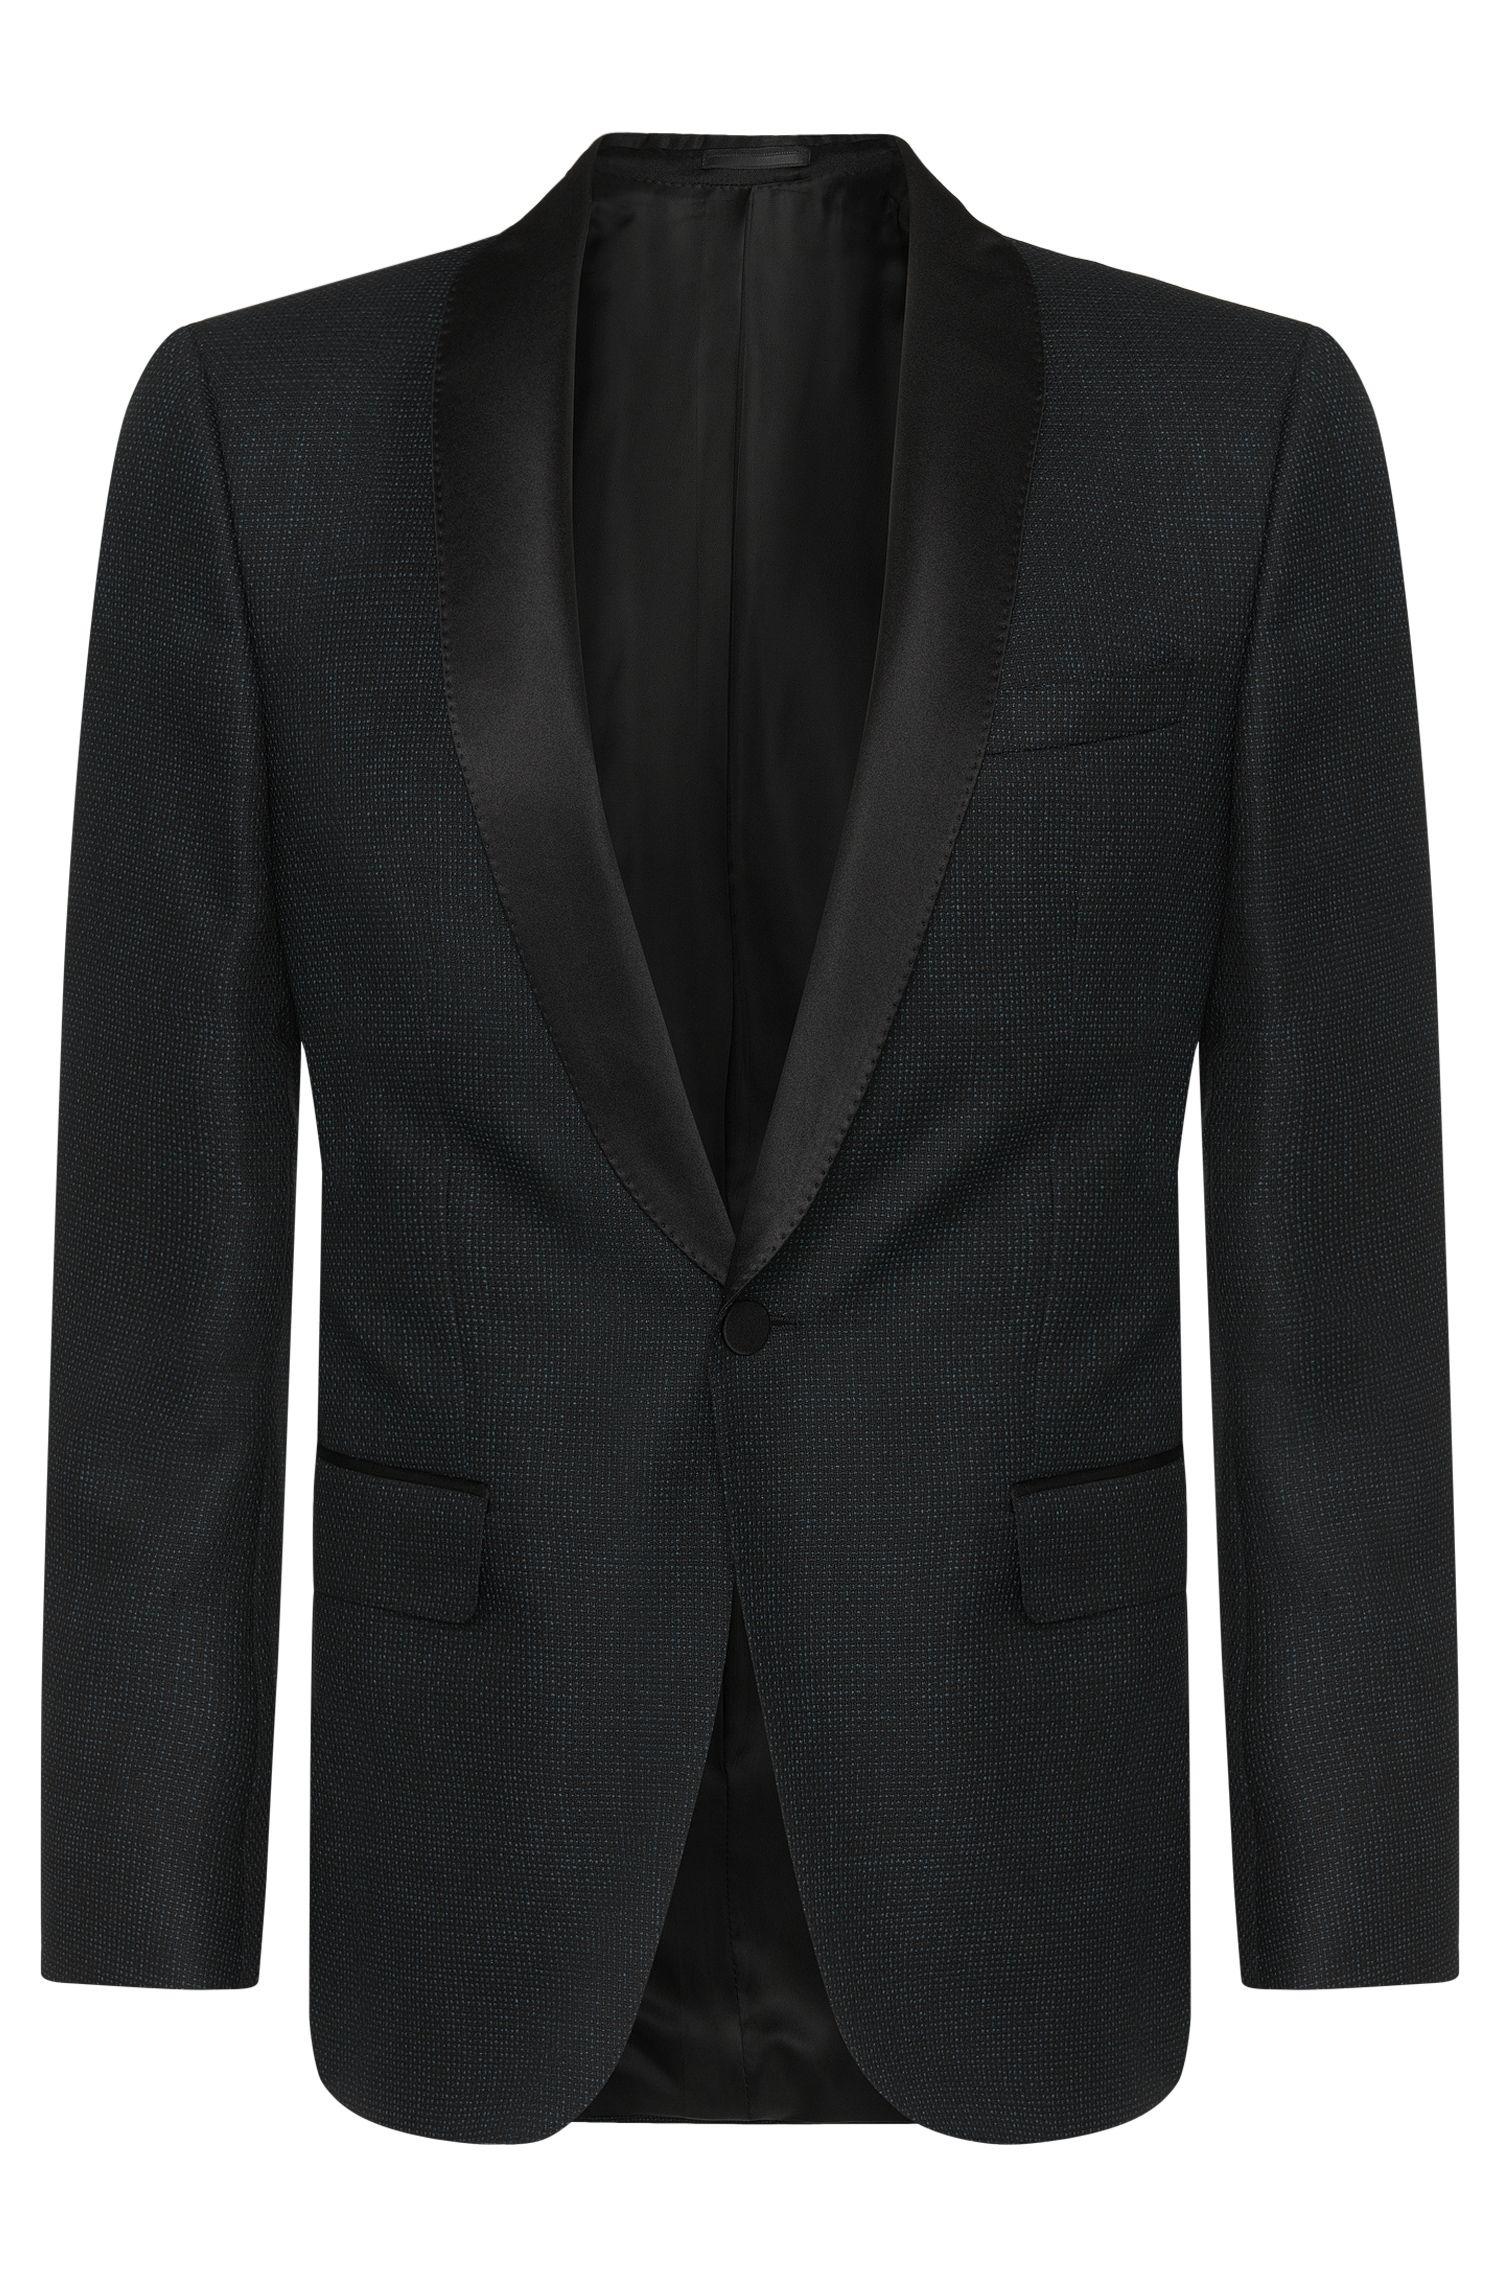 Italian Virgin Wool Blend Metallic Dinner Jacket, Slim Fit | Hockley